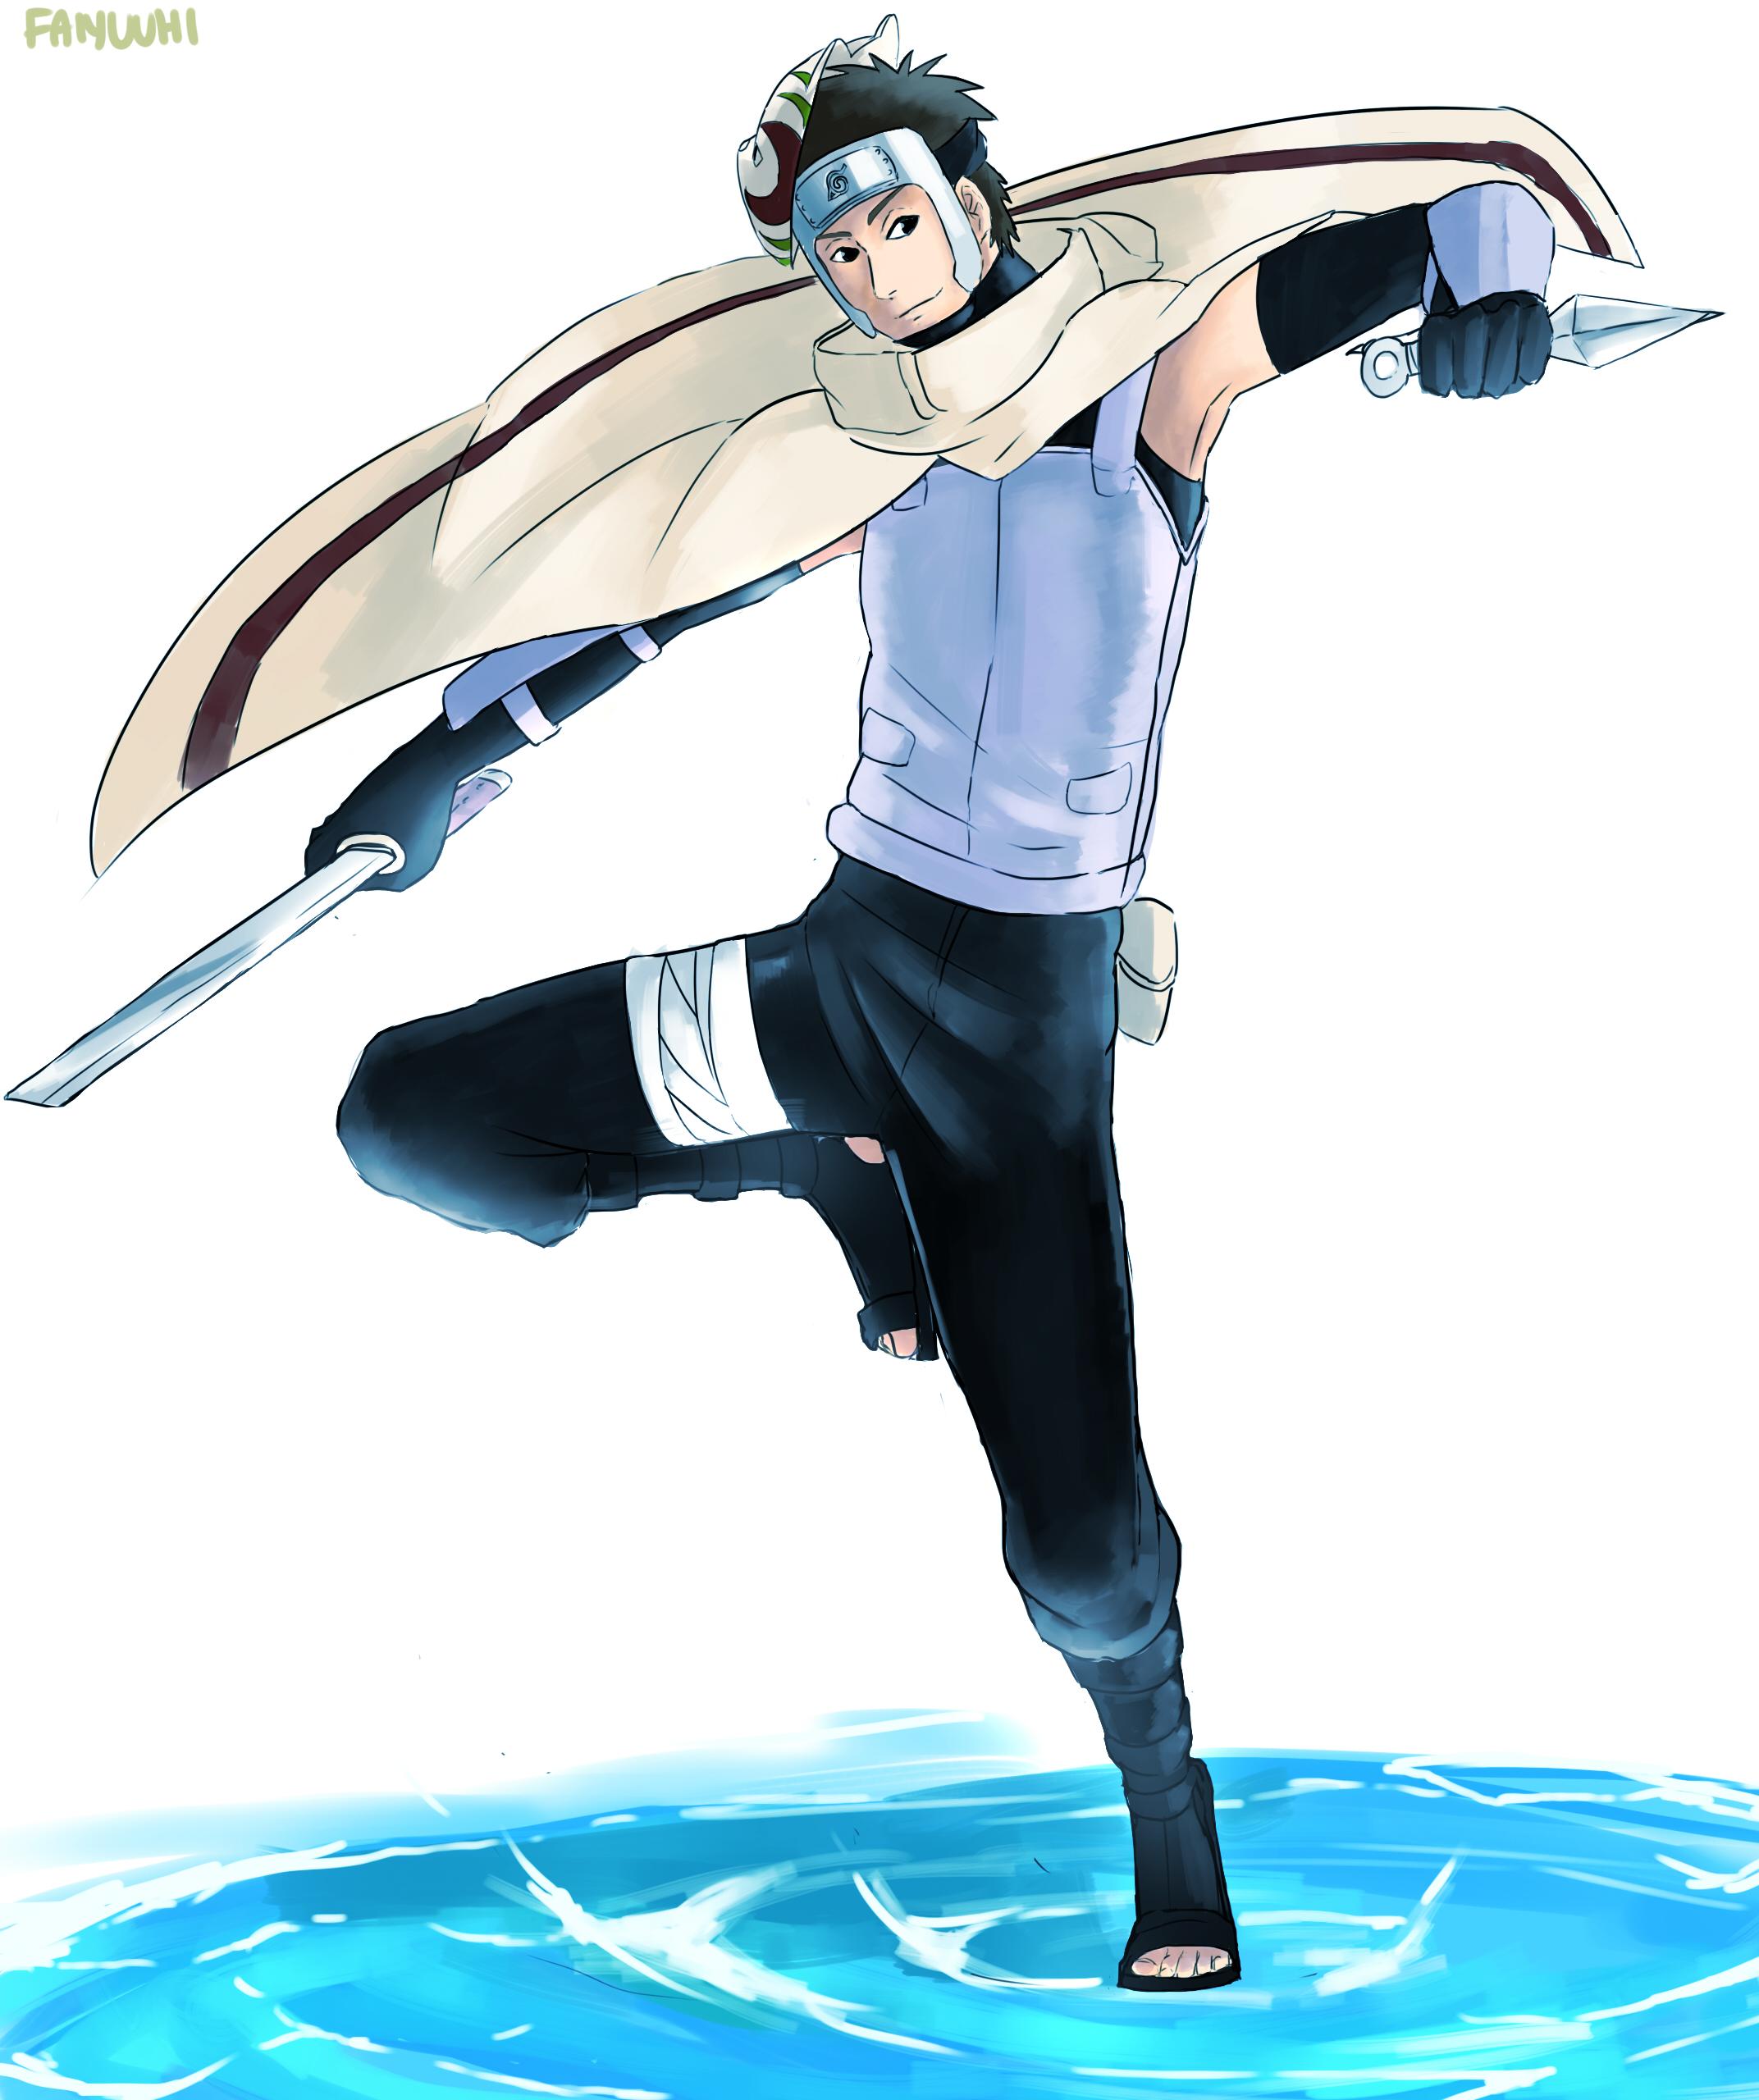 Yamato (NARUTO)/#1532653